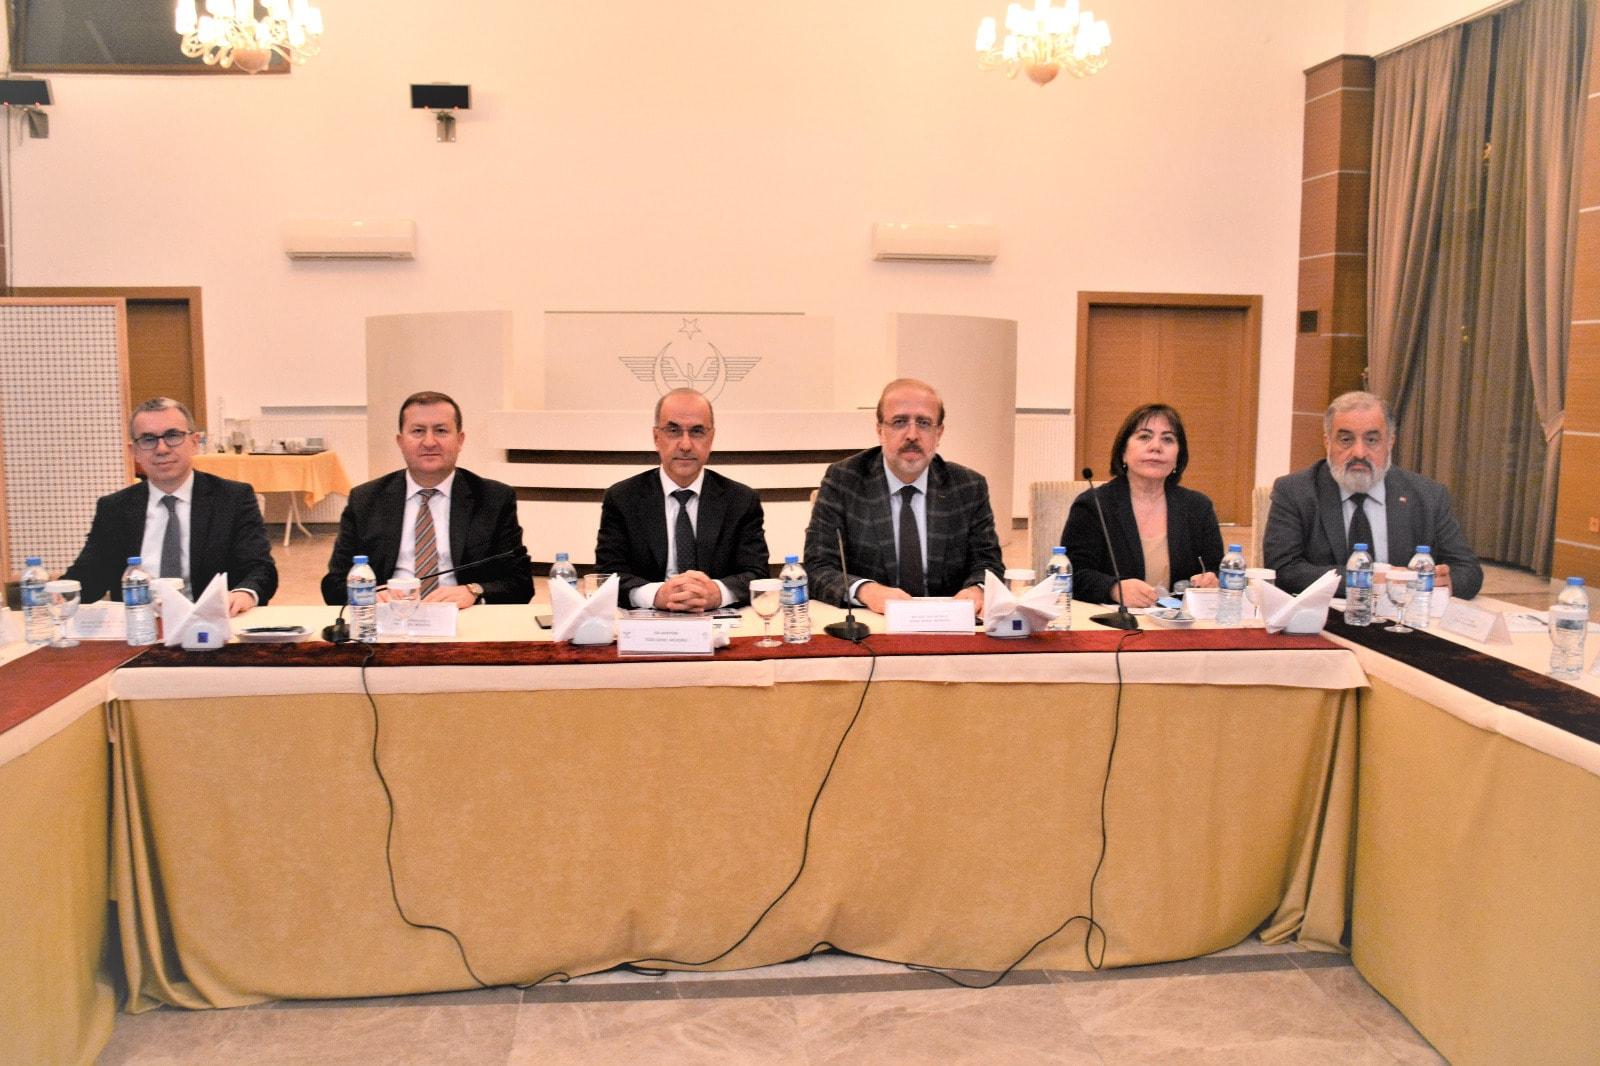 Kurumlararası Diyaloğu Geliştirme Toplantısı – TCDD Genel Müdürlüğü